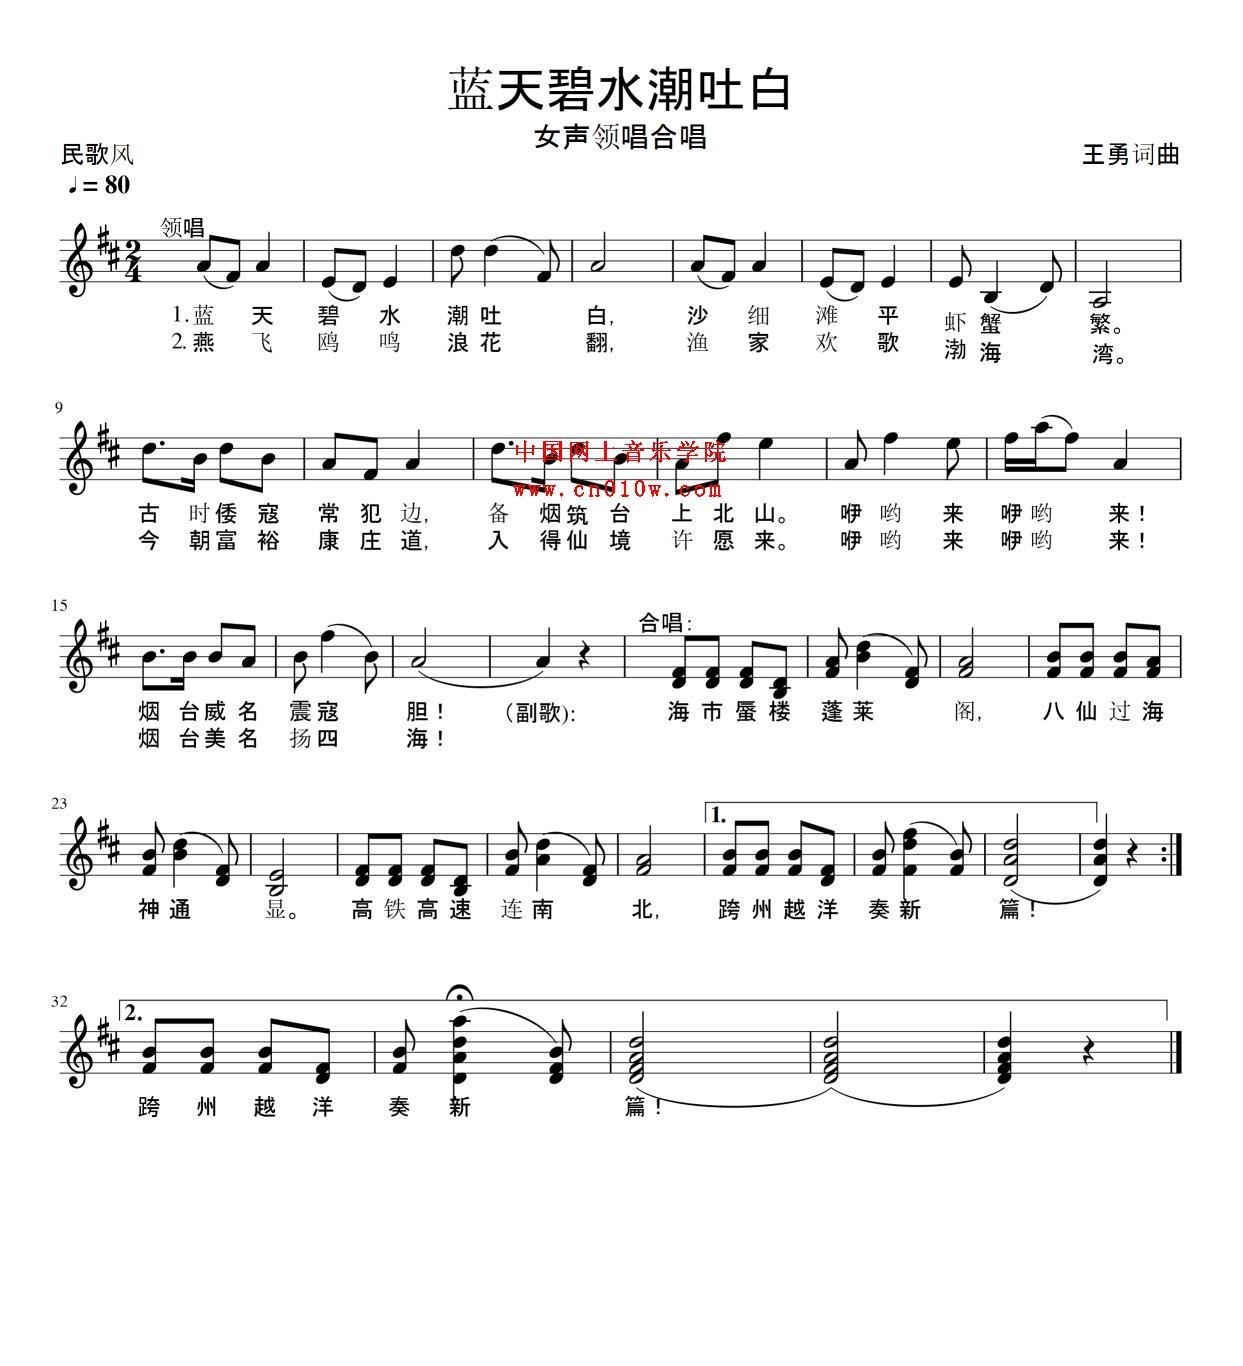 水潮吐白下载 简谱下载 五线谱下载 曲谱网 曲谱大全 中国曲谱网